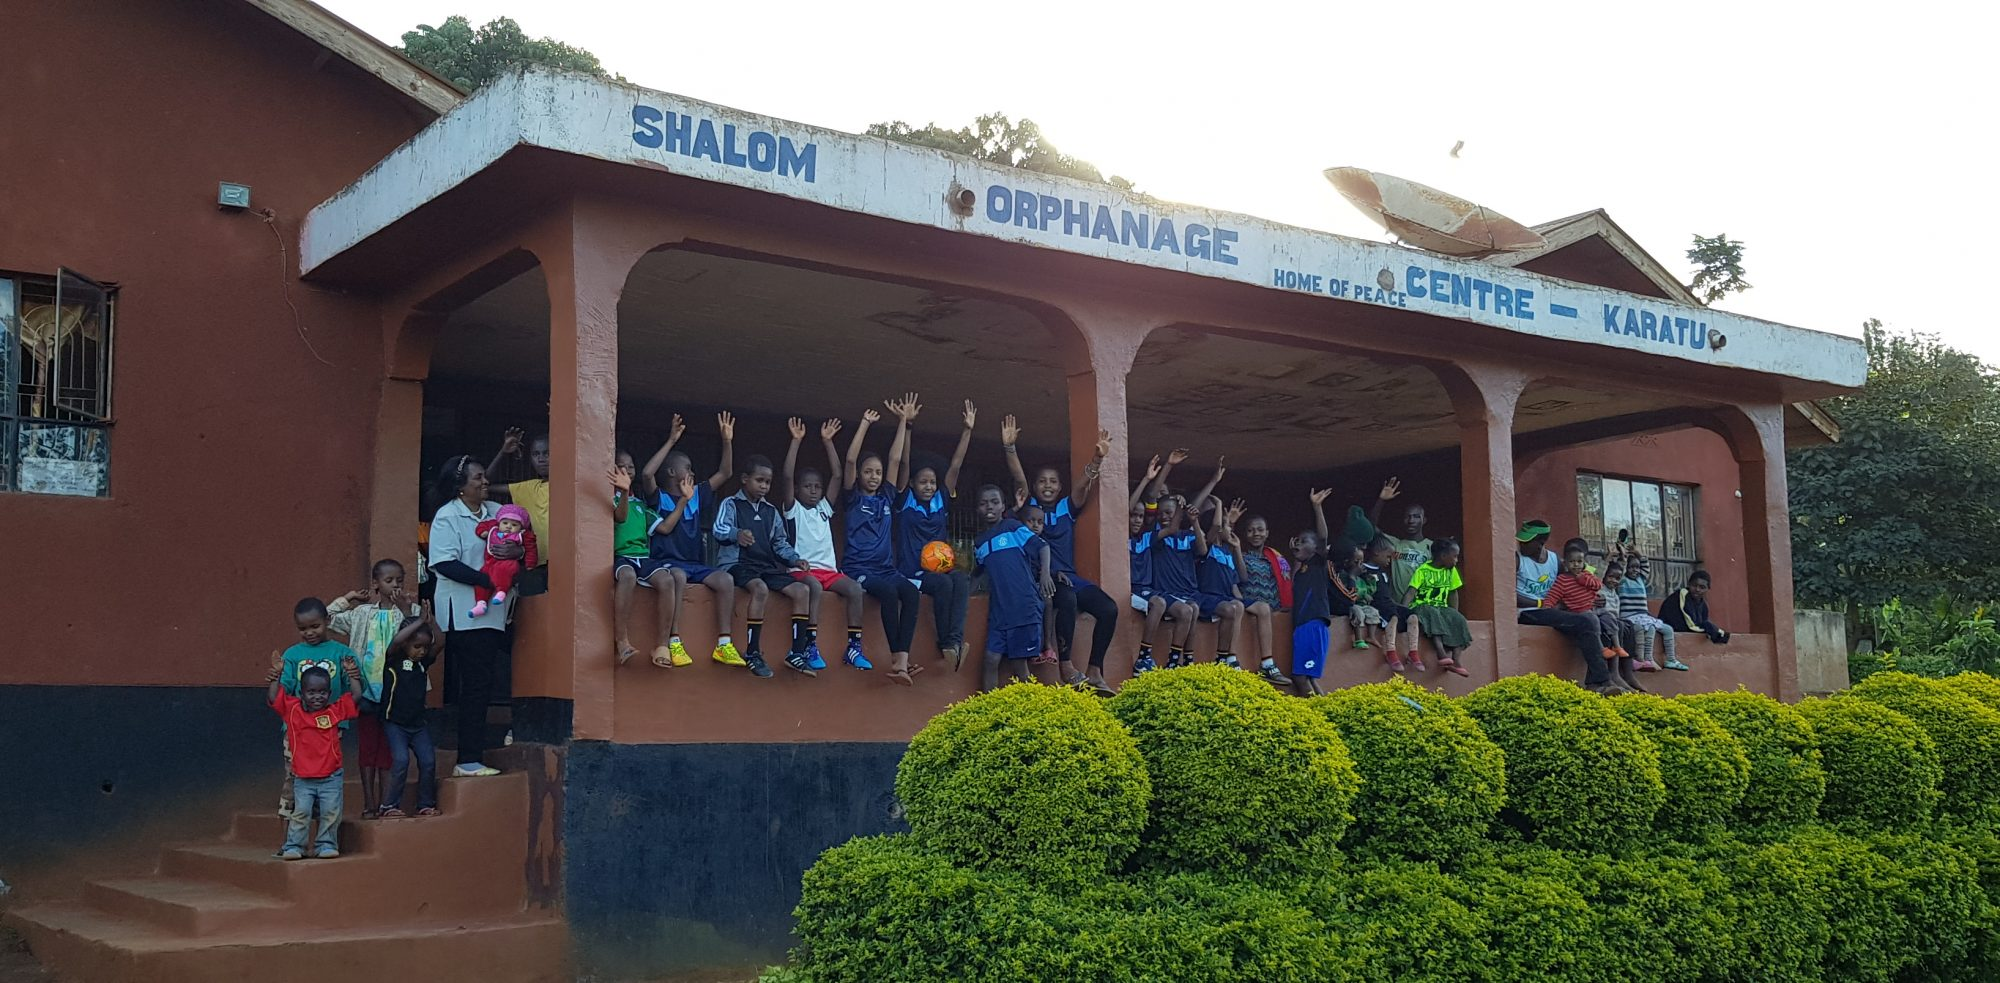 Shalom Orphanage Centre